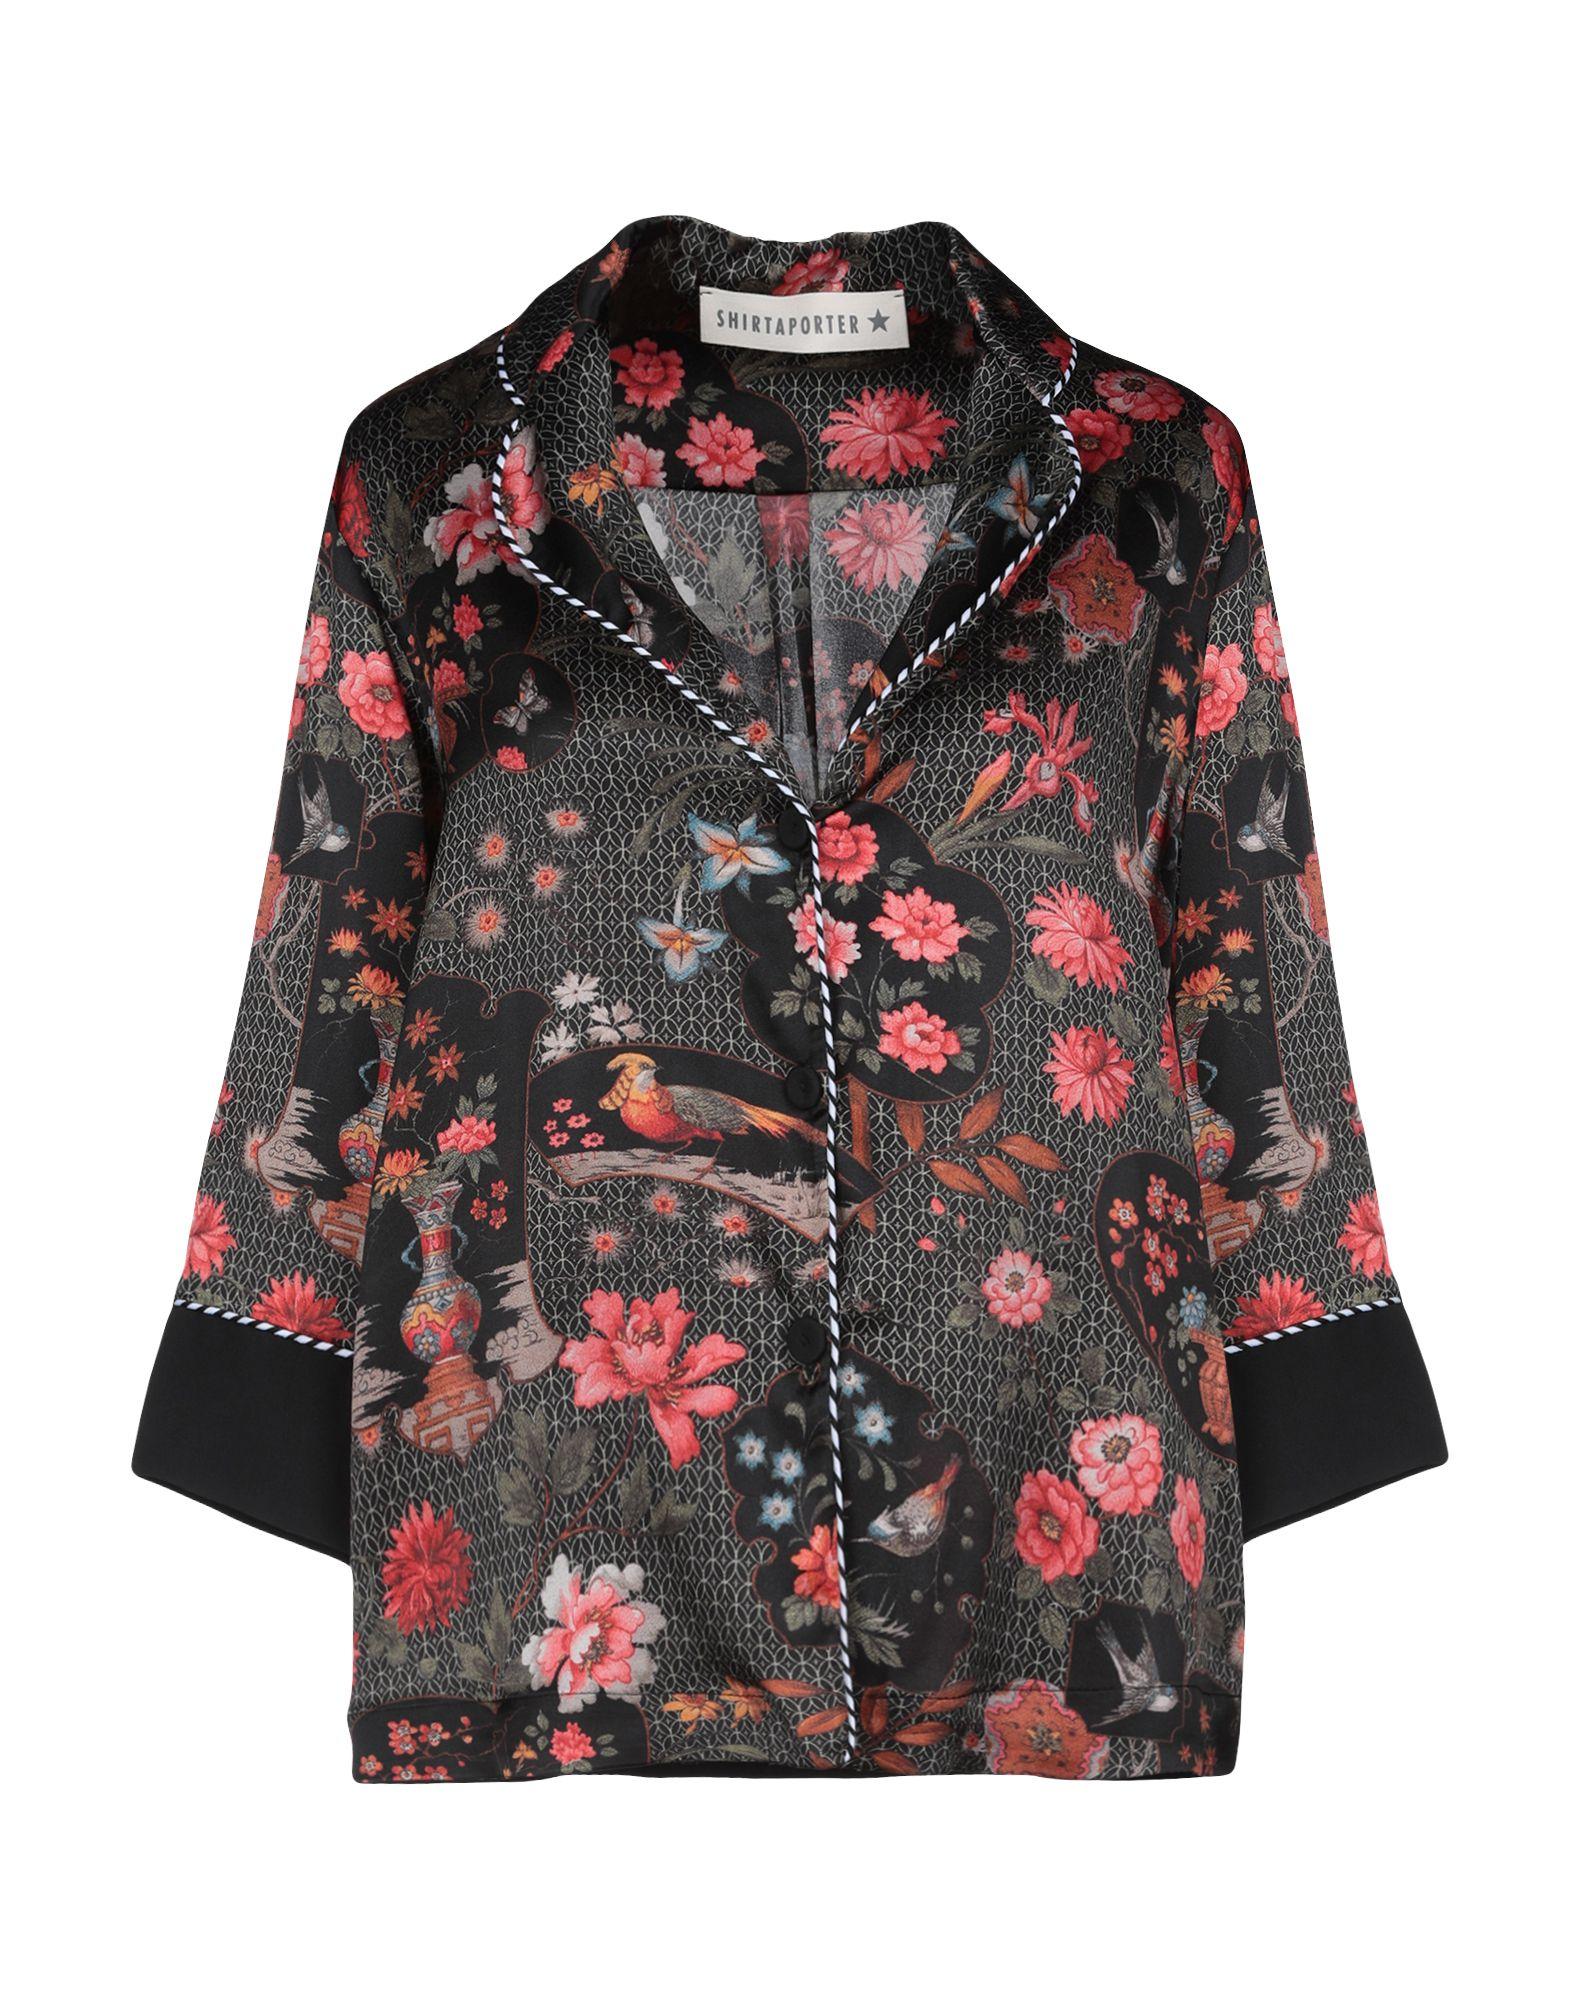 Camicie E bluse A Fiori Shirtaporter donna - 38784497BL 38784497BL 38784497BL c25